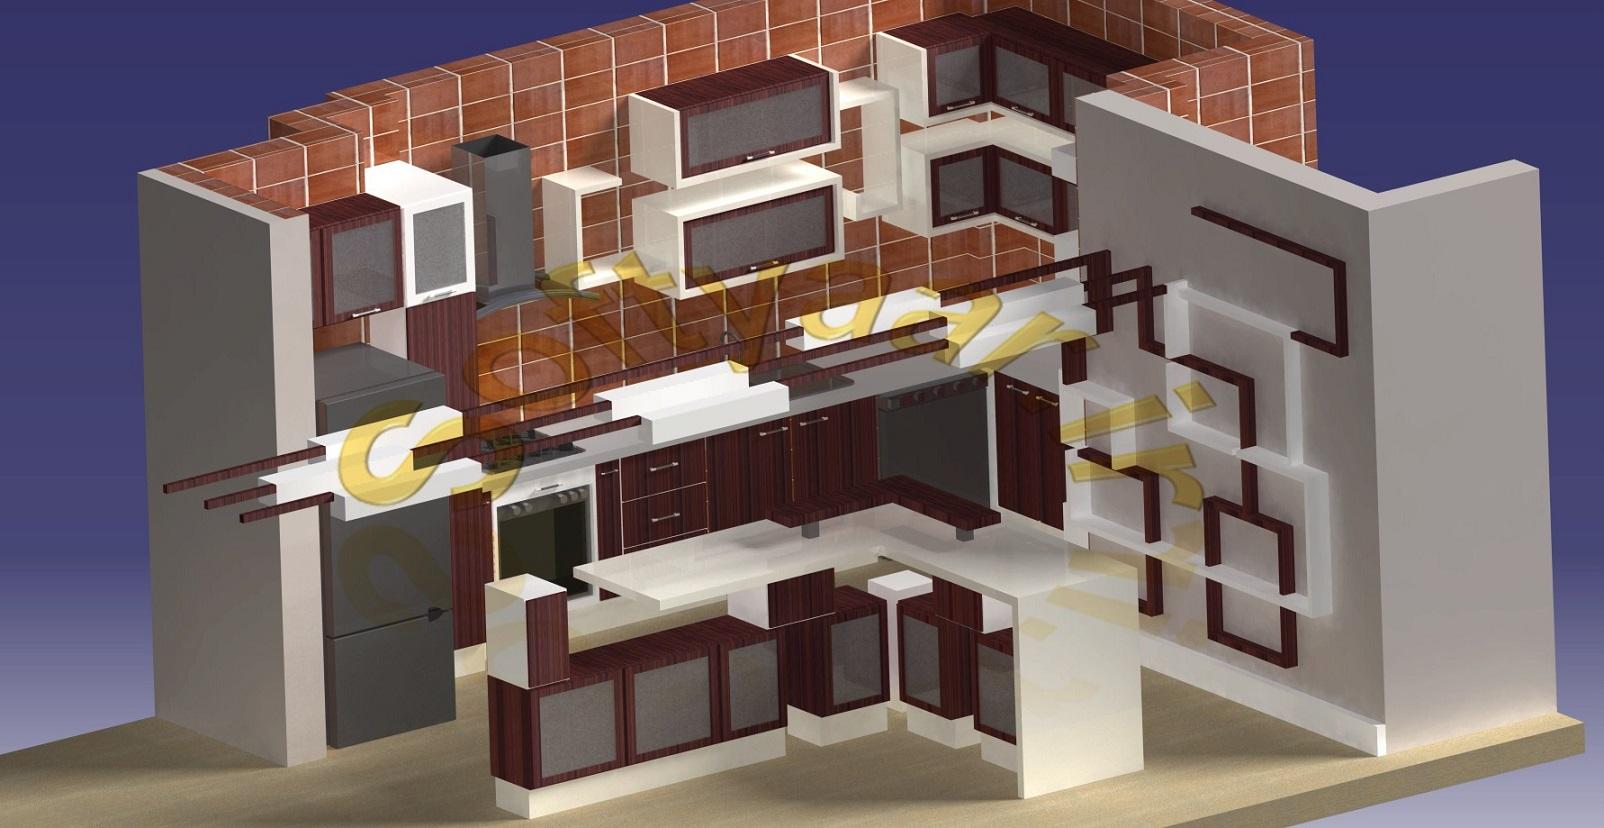 انجام پروژه طراحی یک آشپزخانه و سقف اپن و دیوار جانبی با AutoCAD و CATIA ببا متریال هایگلاس و Mdf تخت و طراحی سقف و دیوار جانبی با ترمو وود (Thermo Wood) و یا چوب پلاست (Wood-Plastic)